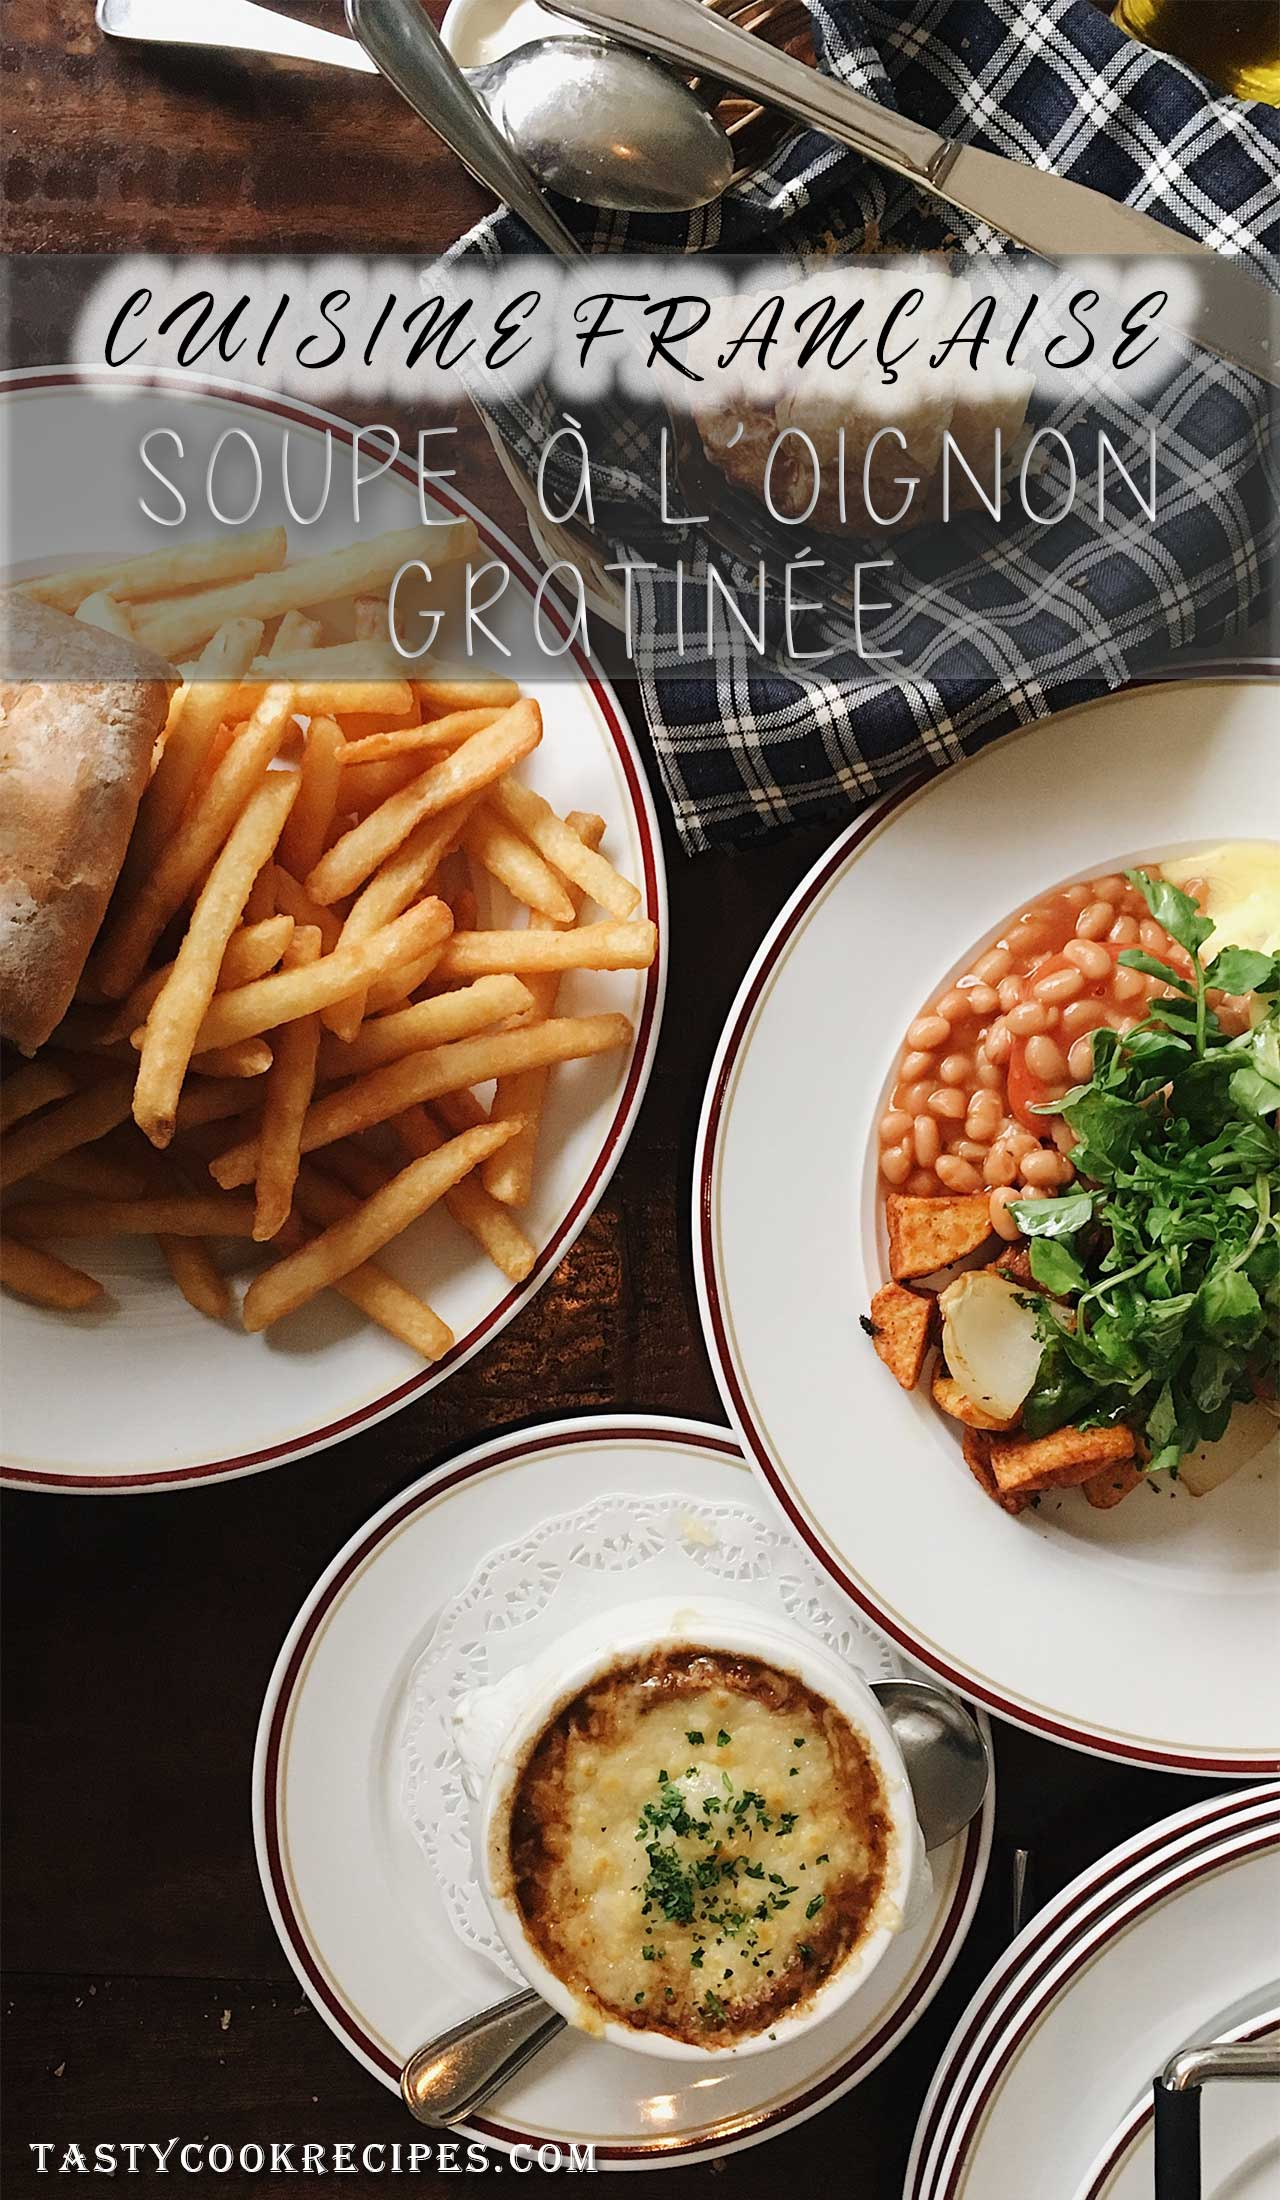 soupe a l'oignon, soupe gratinée, recette du quebec